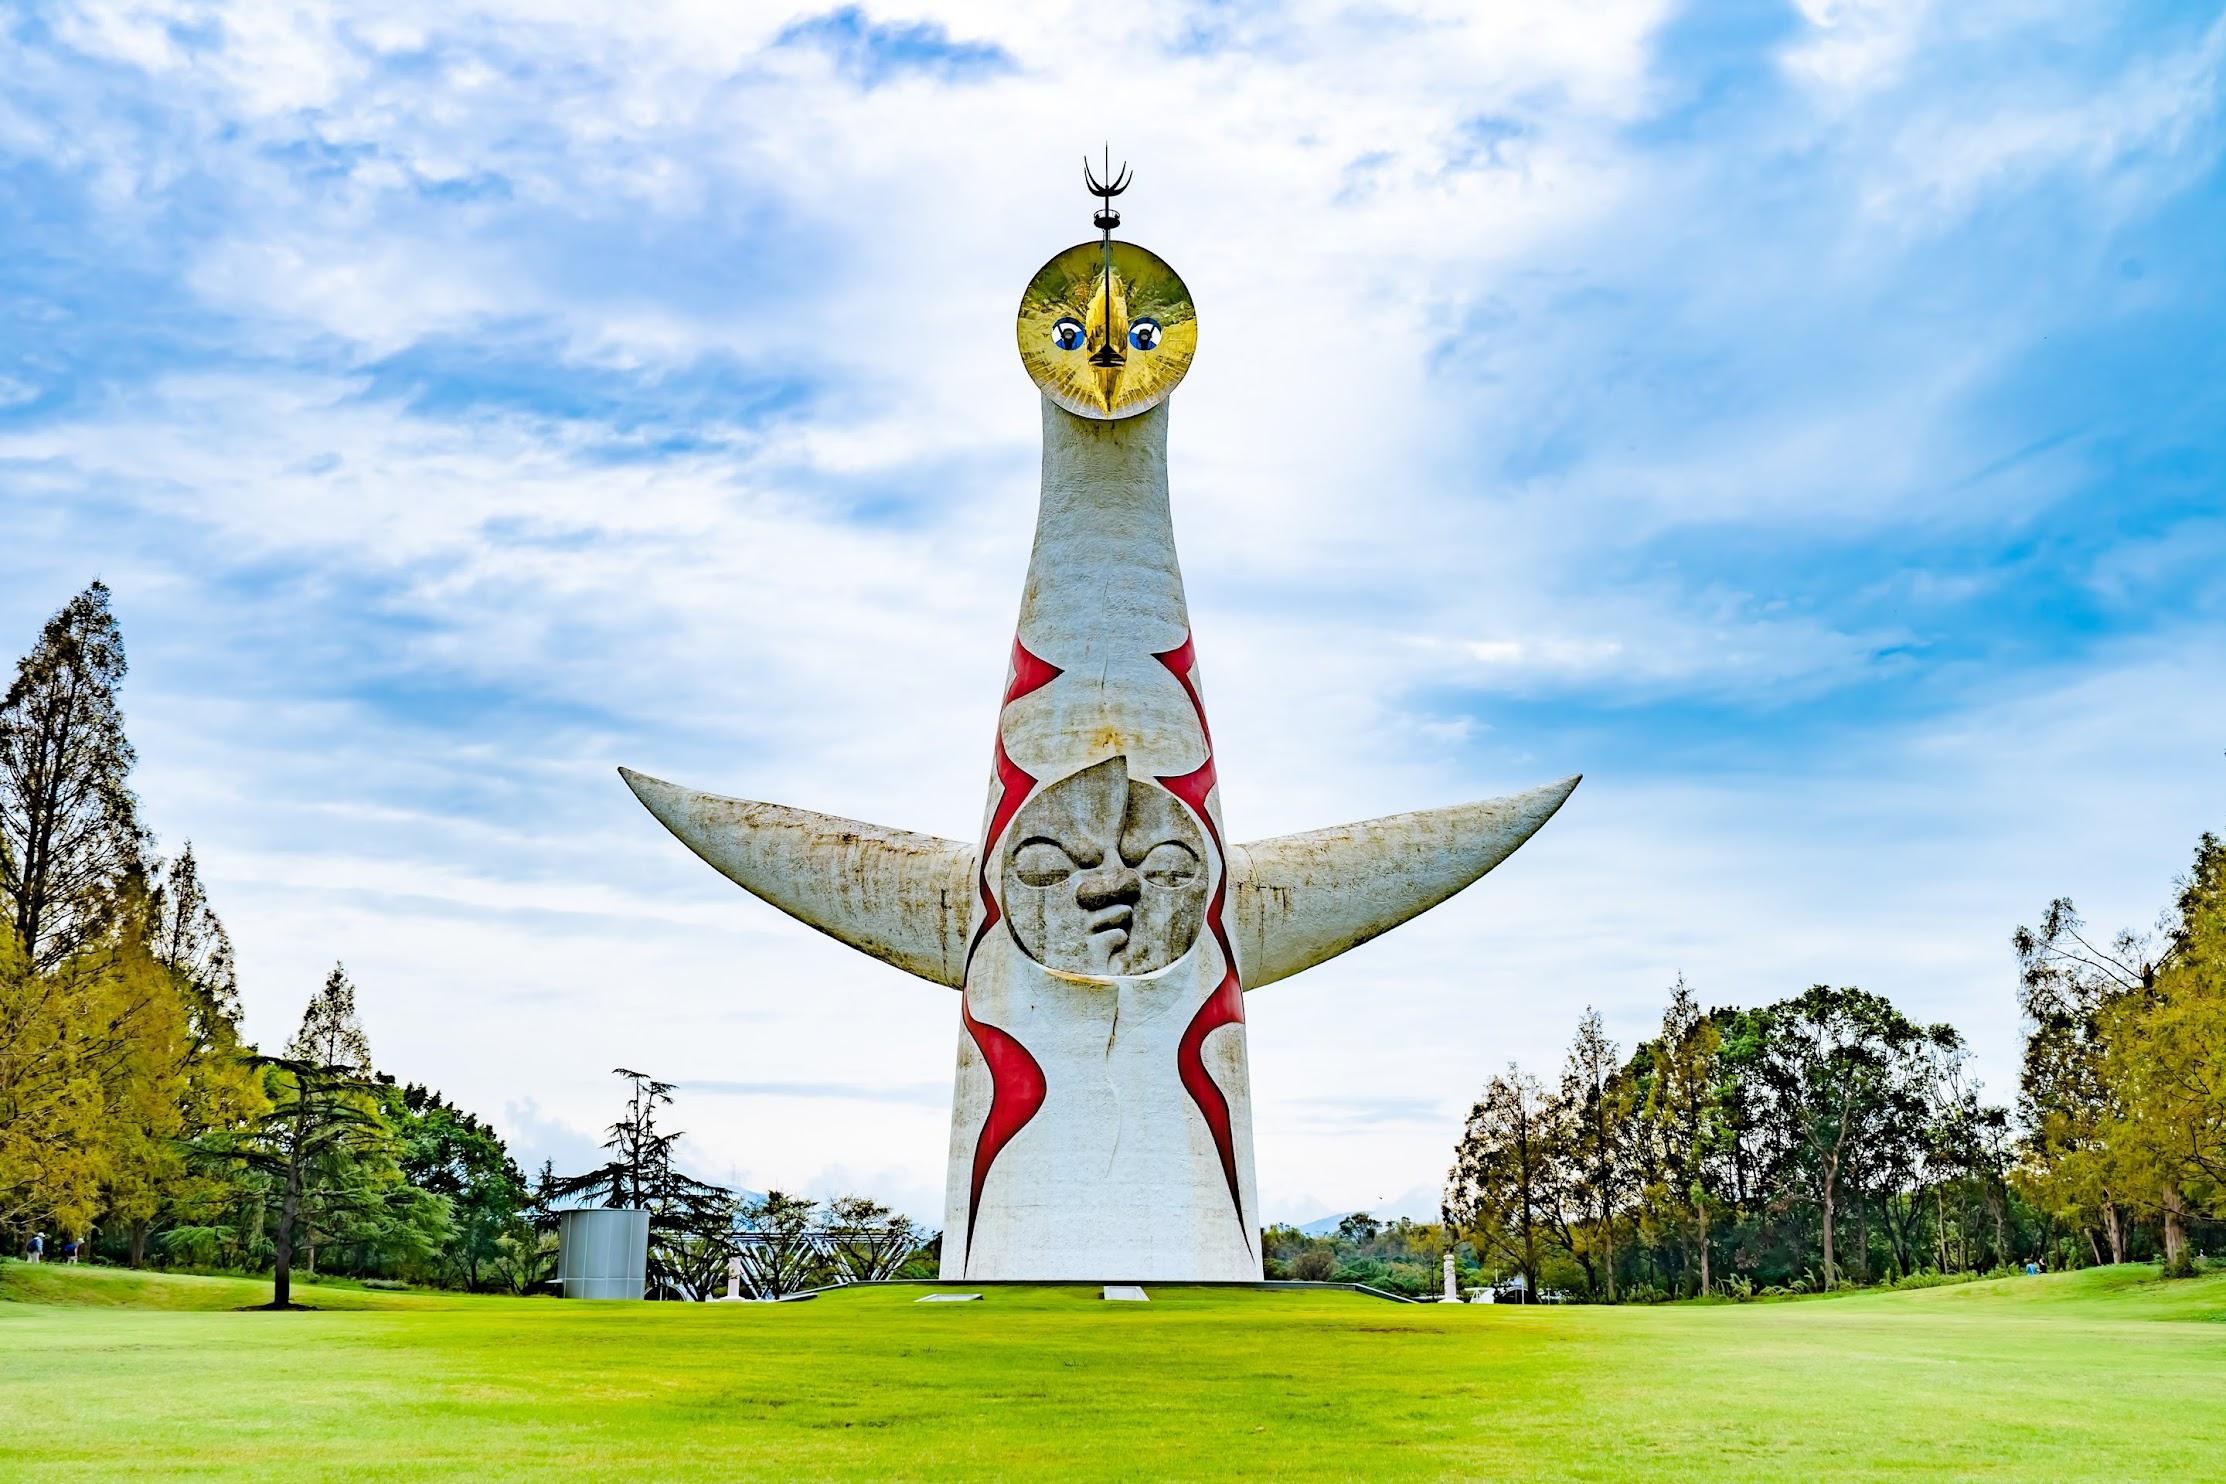 万博記念公園 太陽の塔1